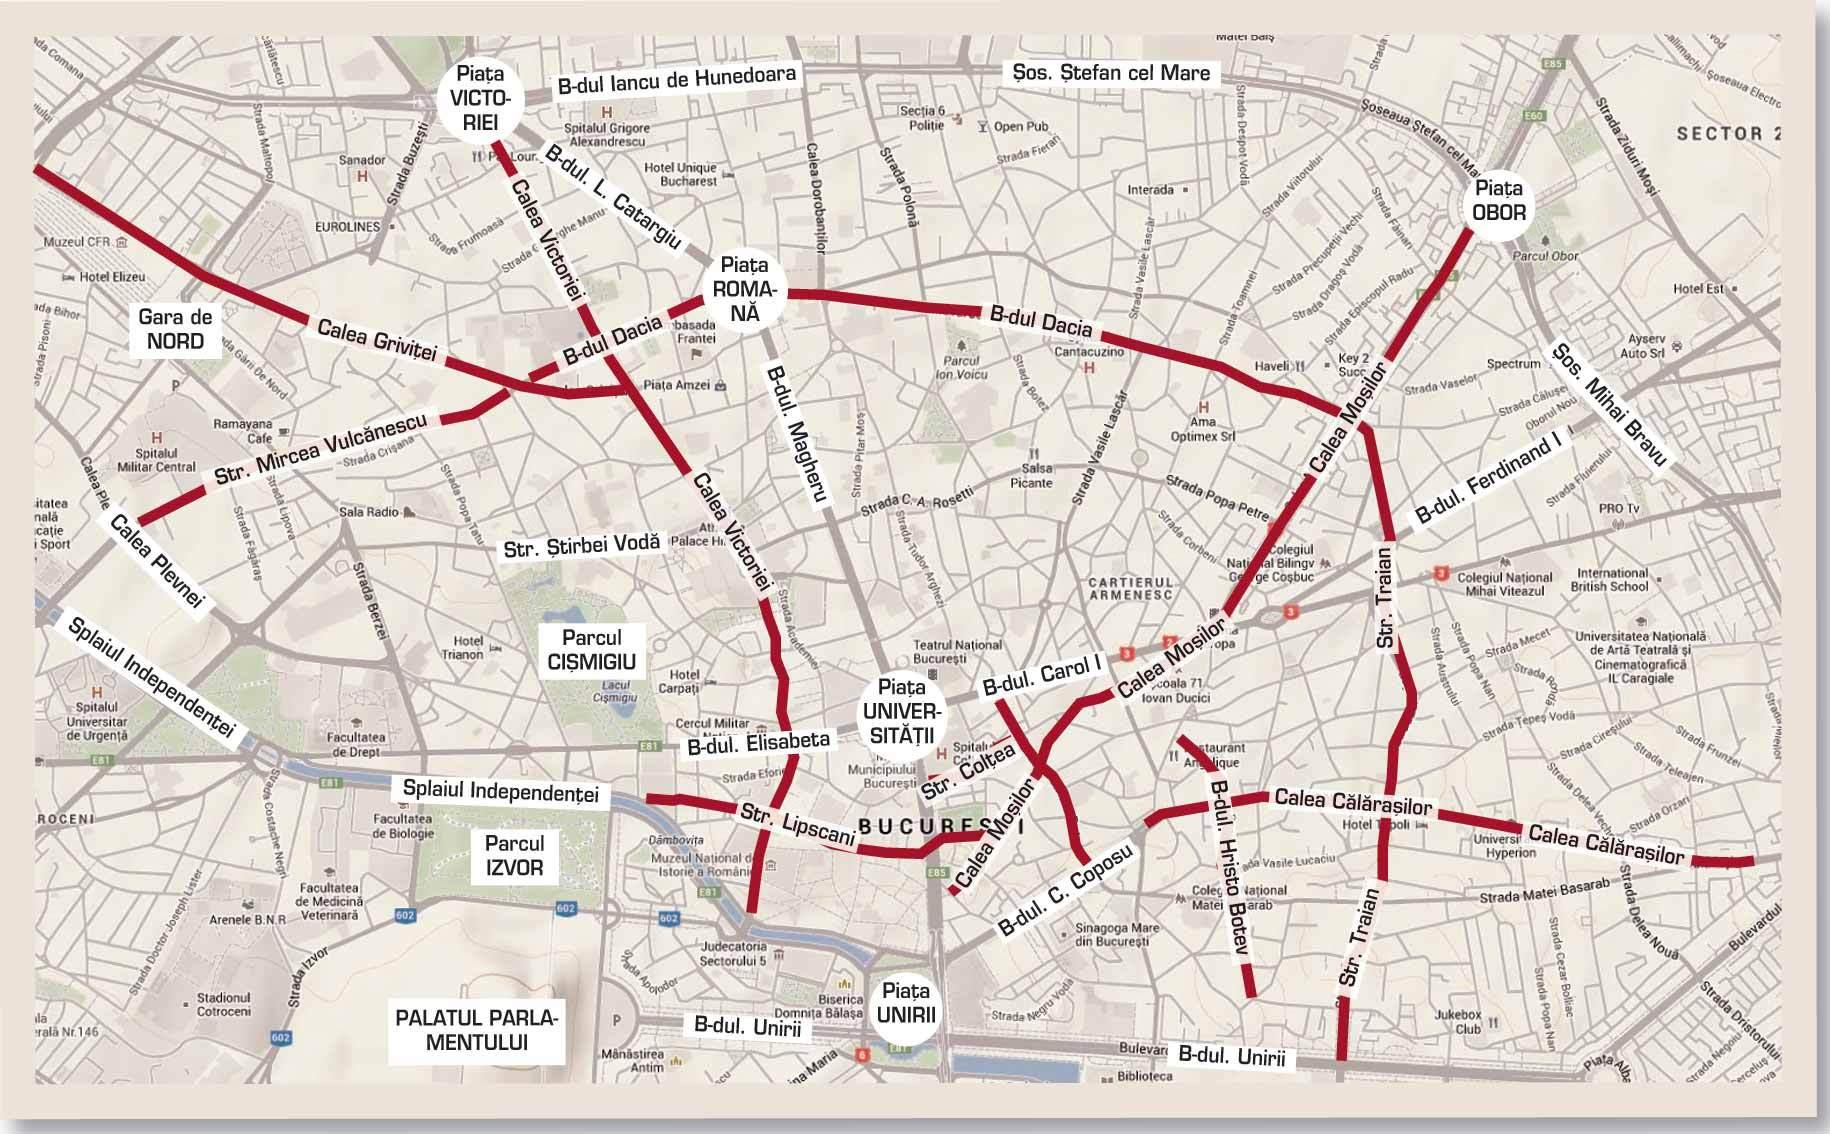 Străzile Pe Care Incă Se Află Istoria Capitalei Harta Străzilor